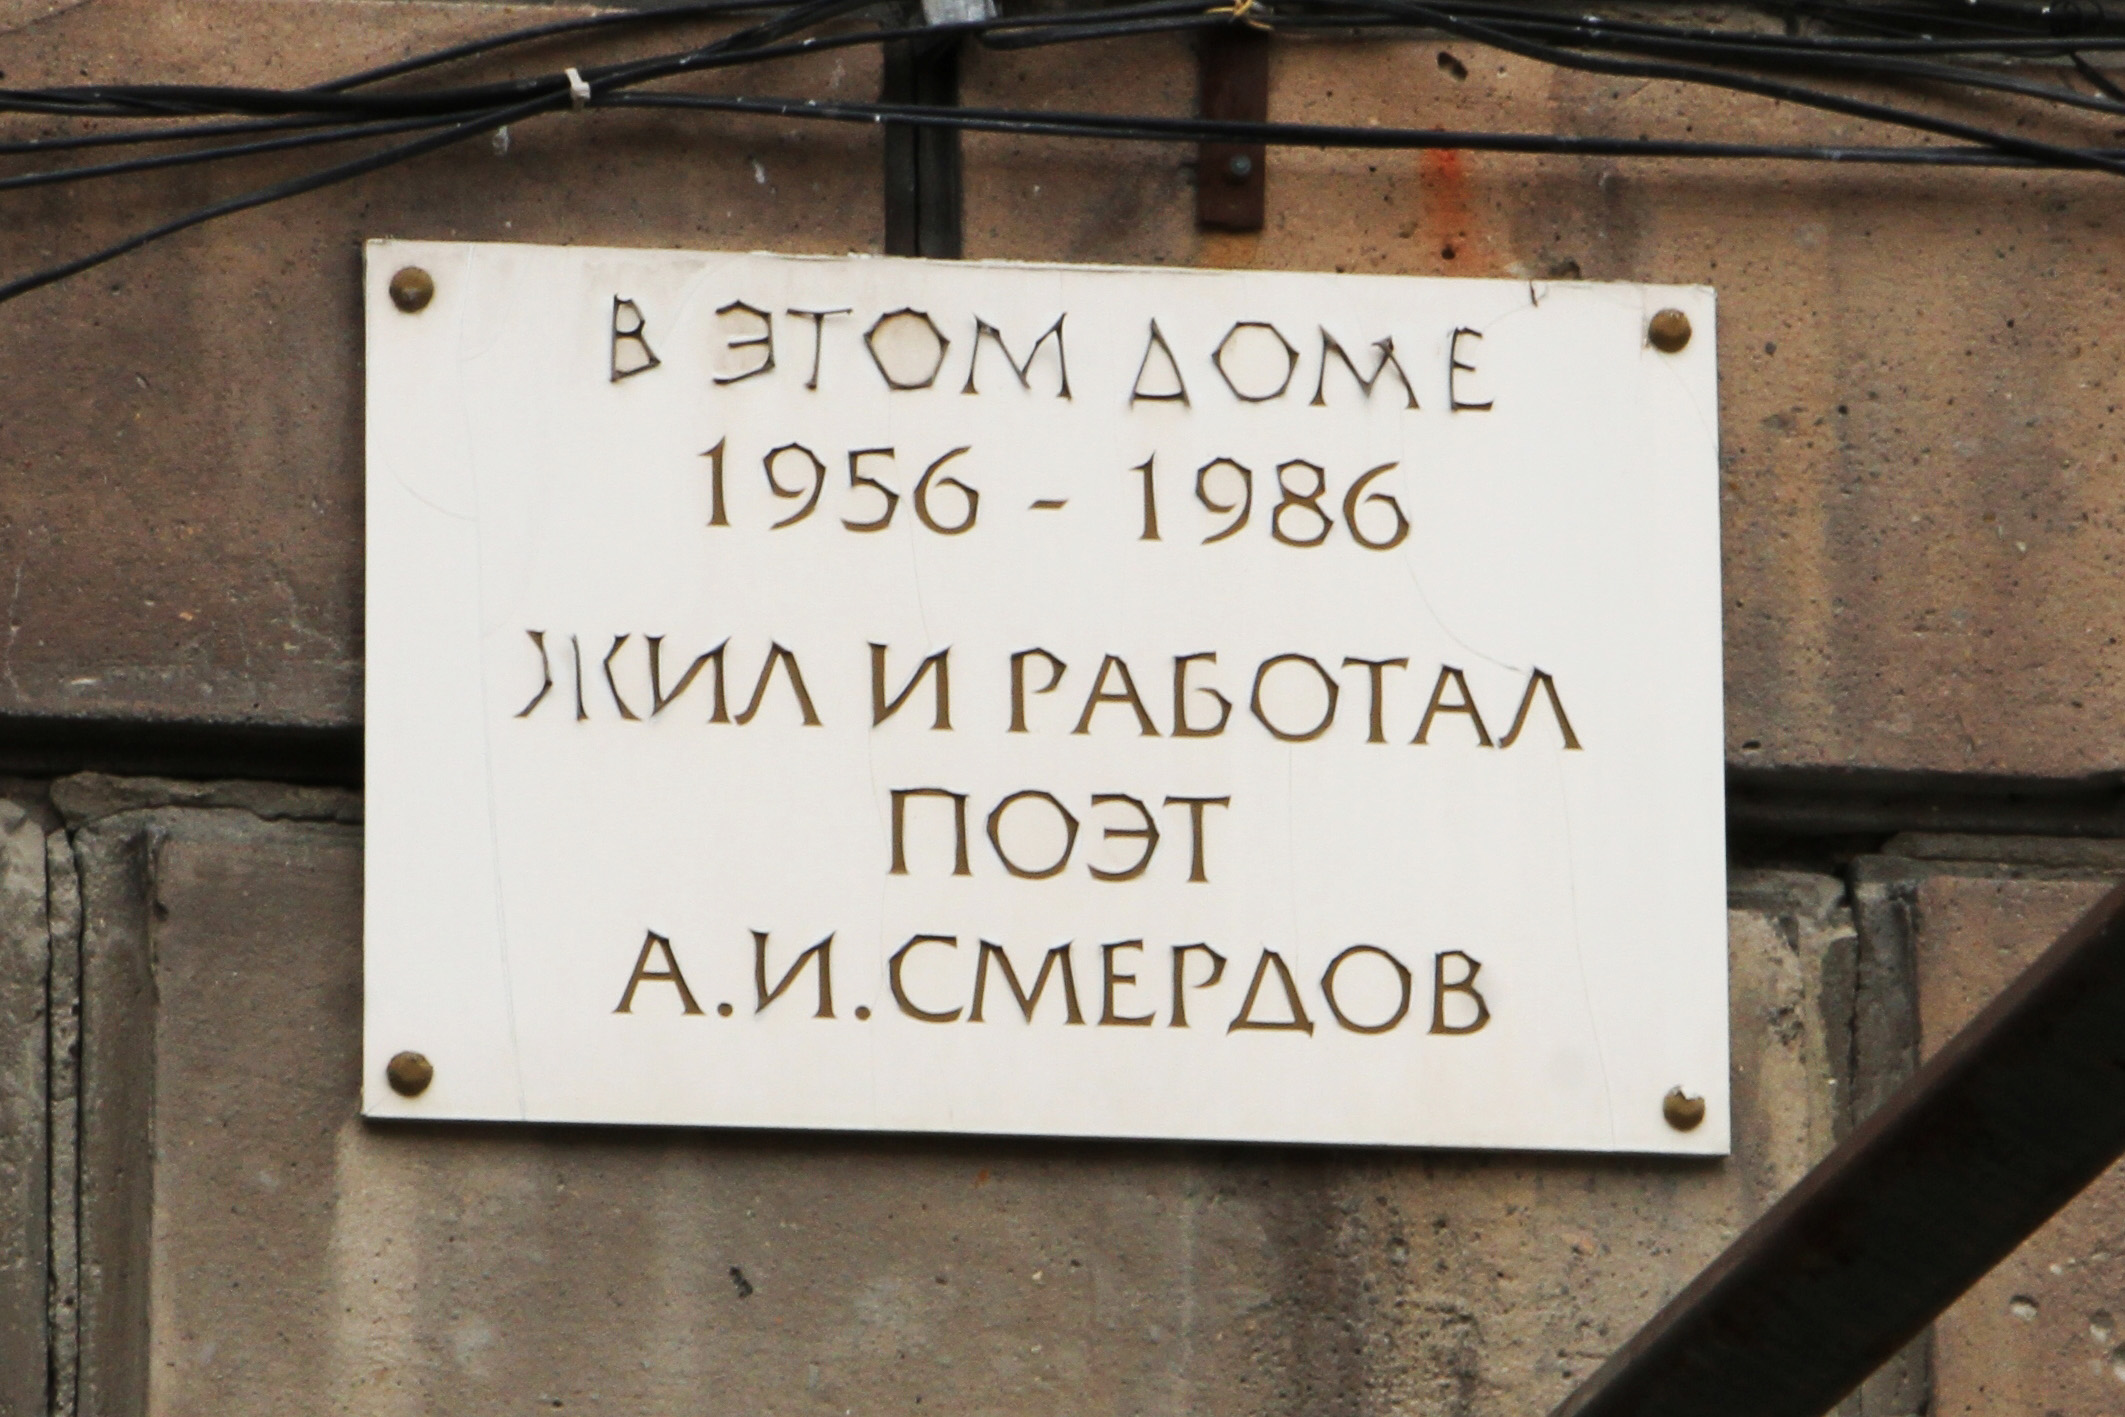 Мемориальная доска, посвящённая Александру Смердову